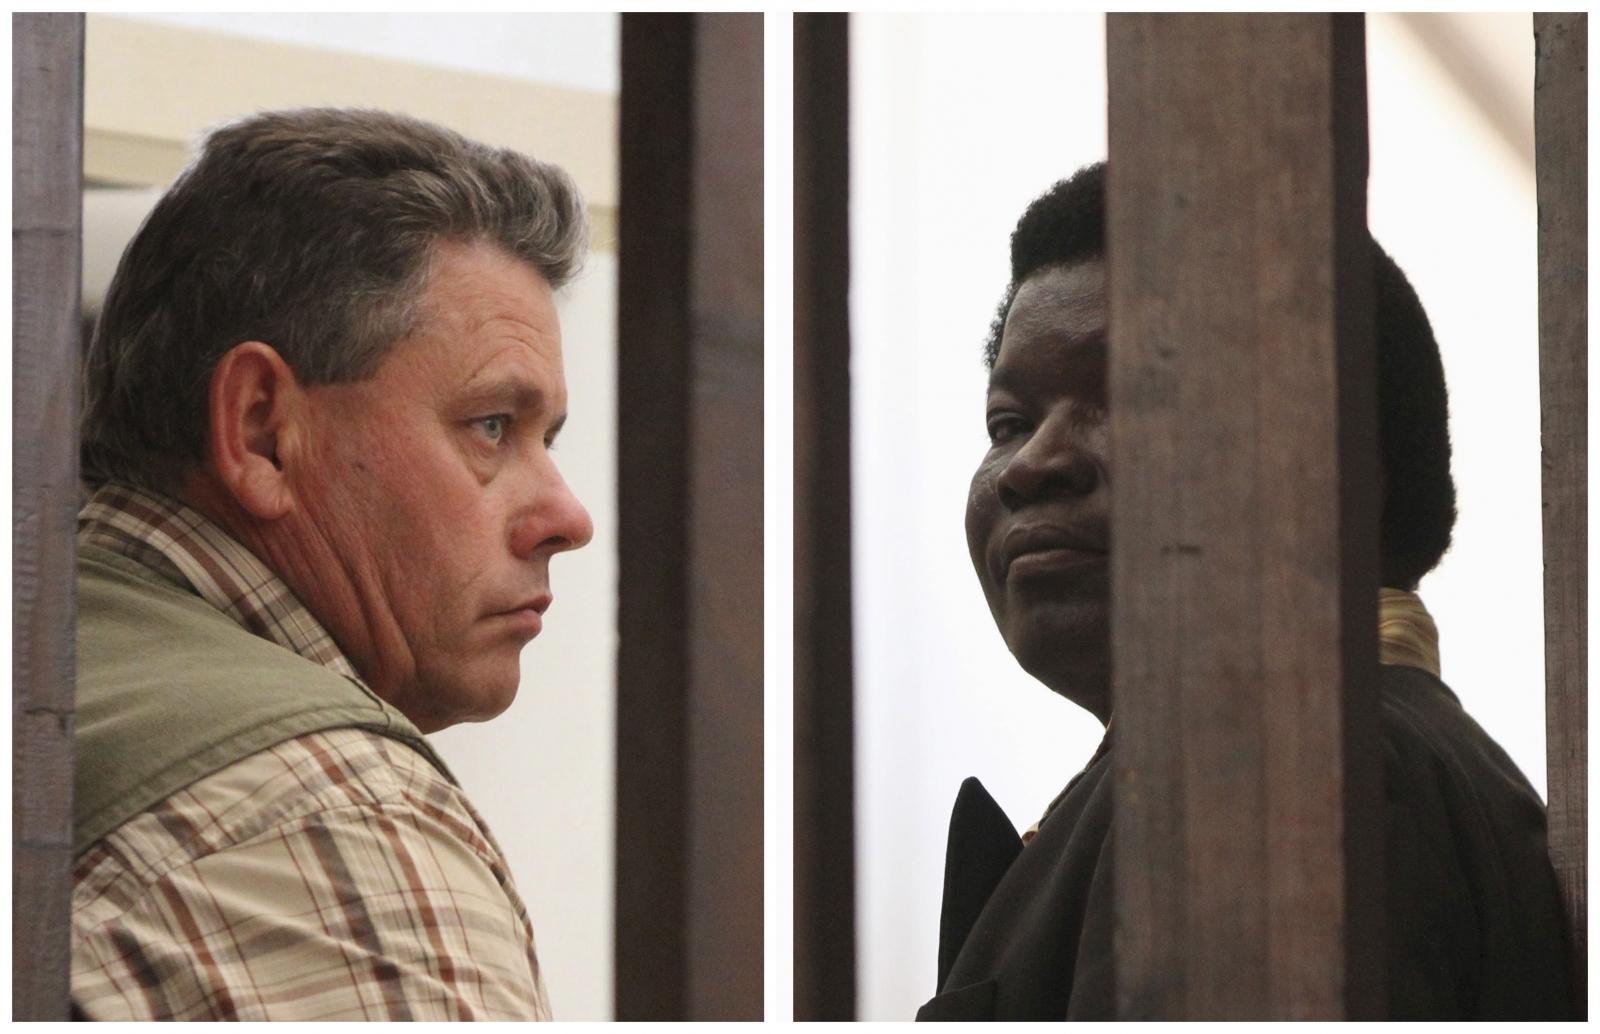 Zimbabwean safari operator Honest Ndlovu